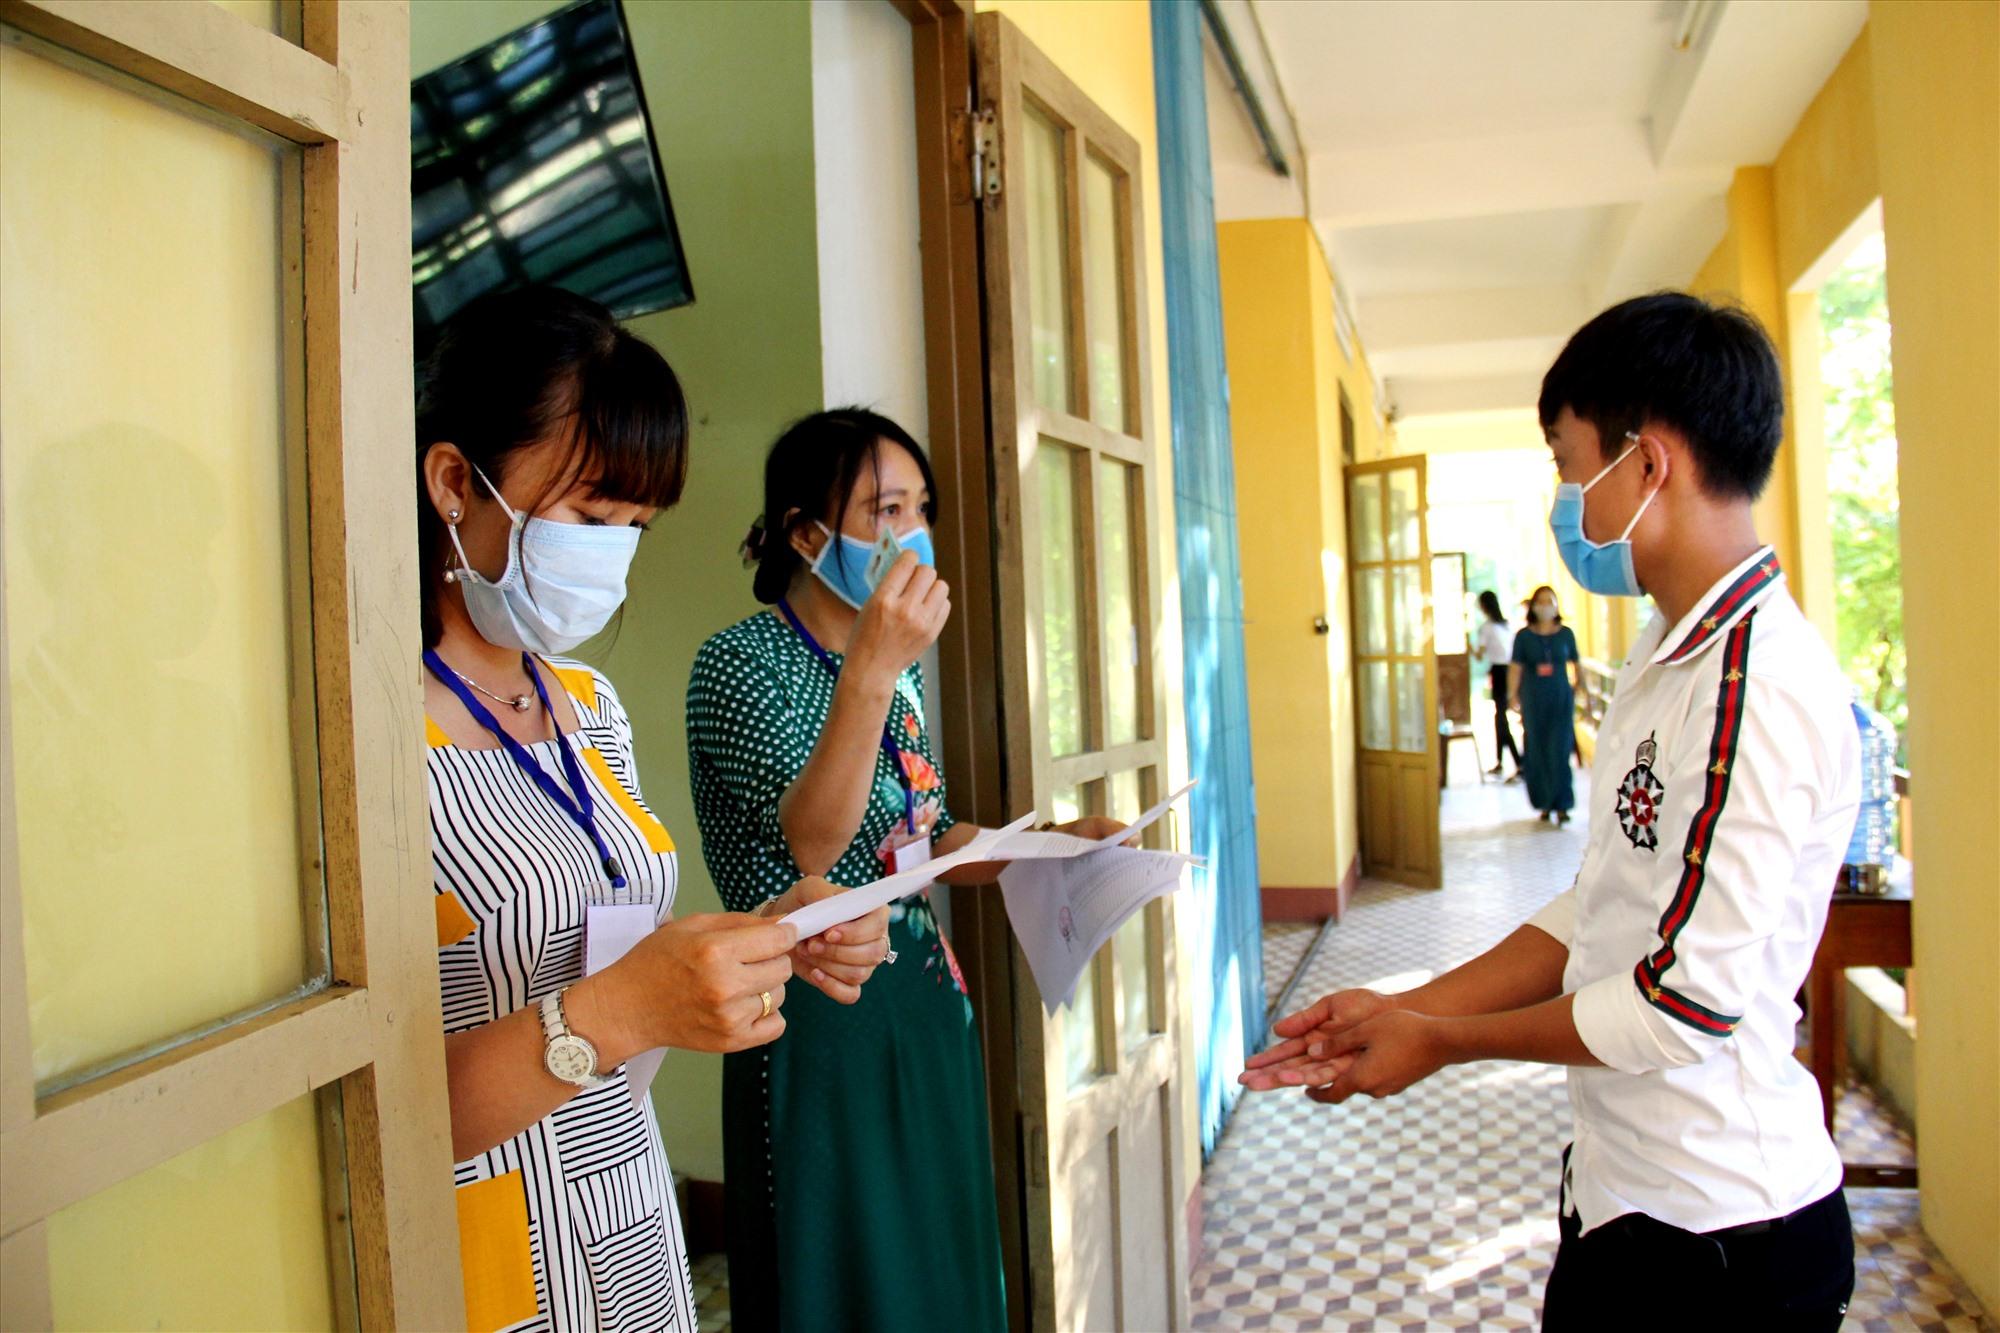 Ảnh 3 các cán bộ coi thi thực hiện nội quy kiểm tra thí sinh trước khi vào phòng thi